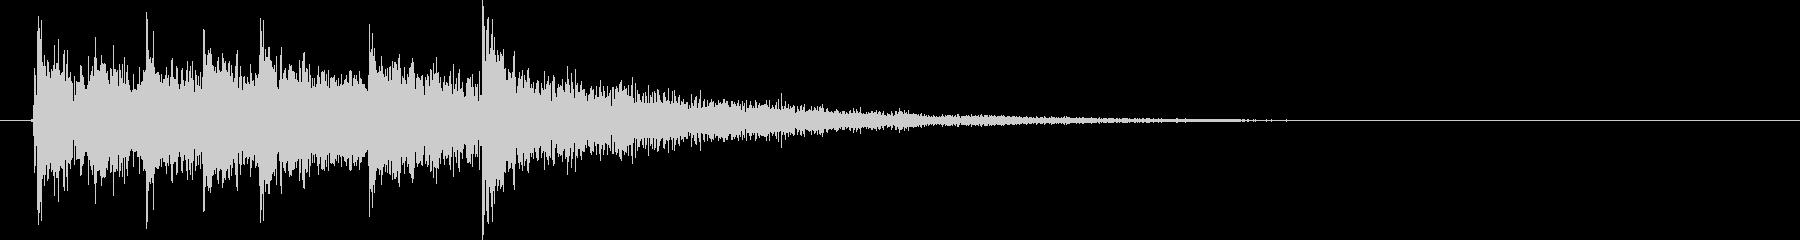 中華3 スタート音 豪華決定音の未再生の波形